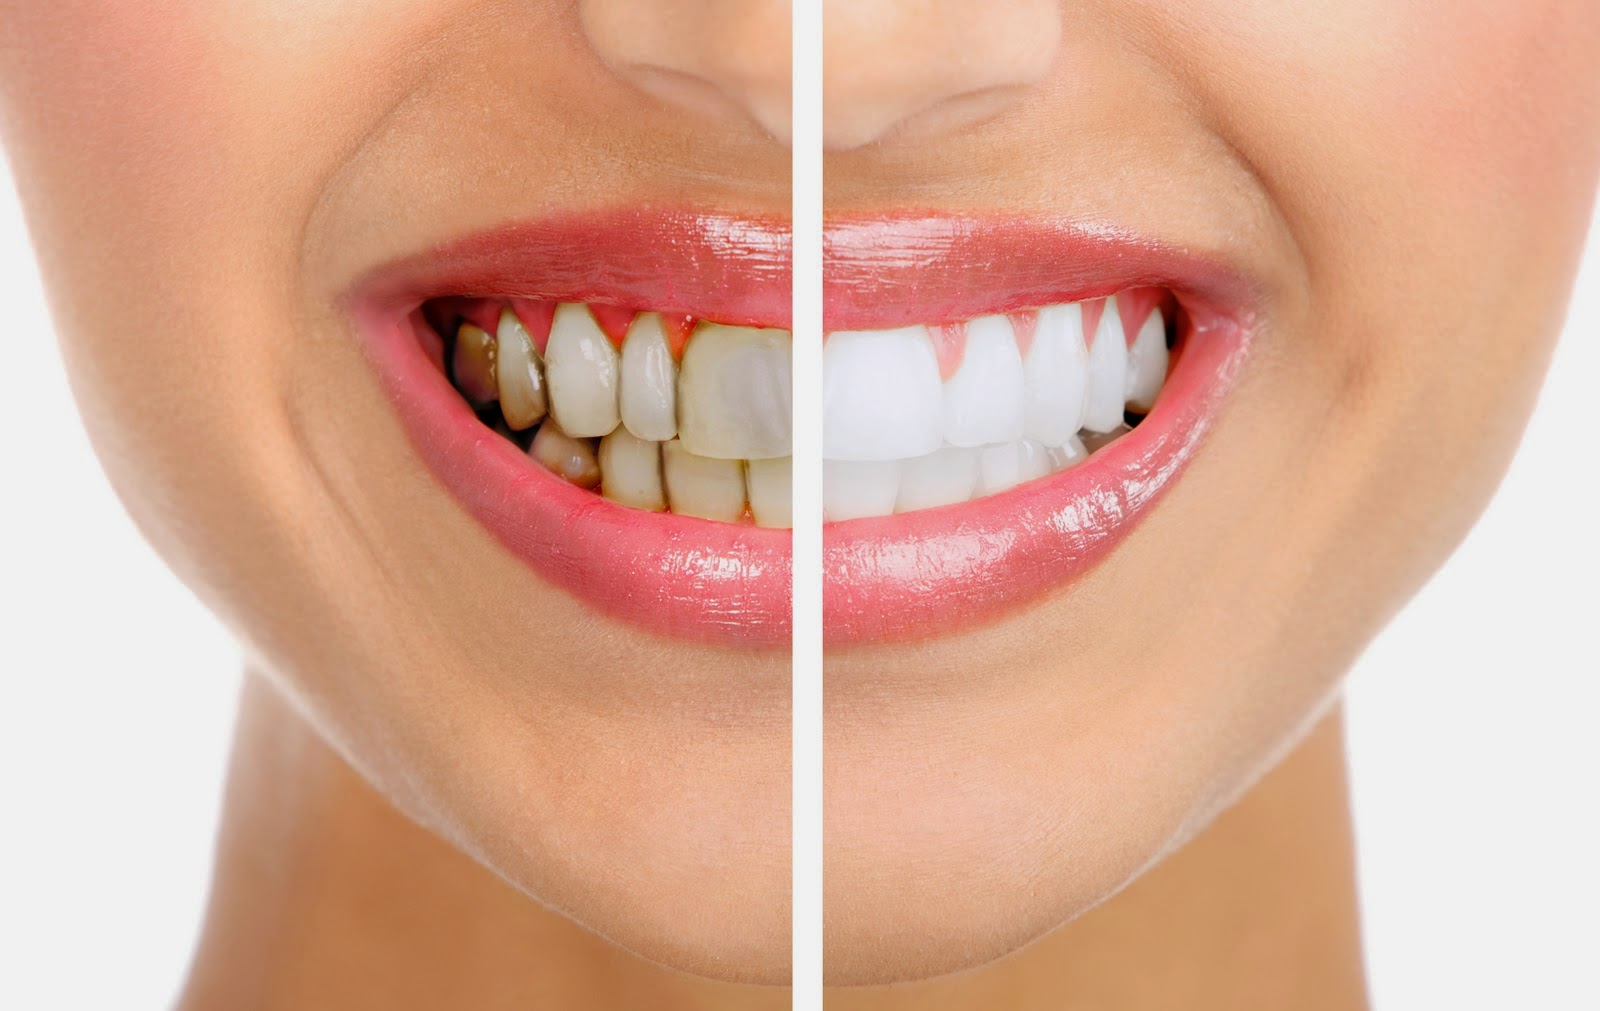 Аппарат ультразвуковой чистки зубов в домашних условиях